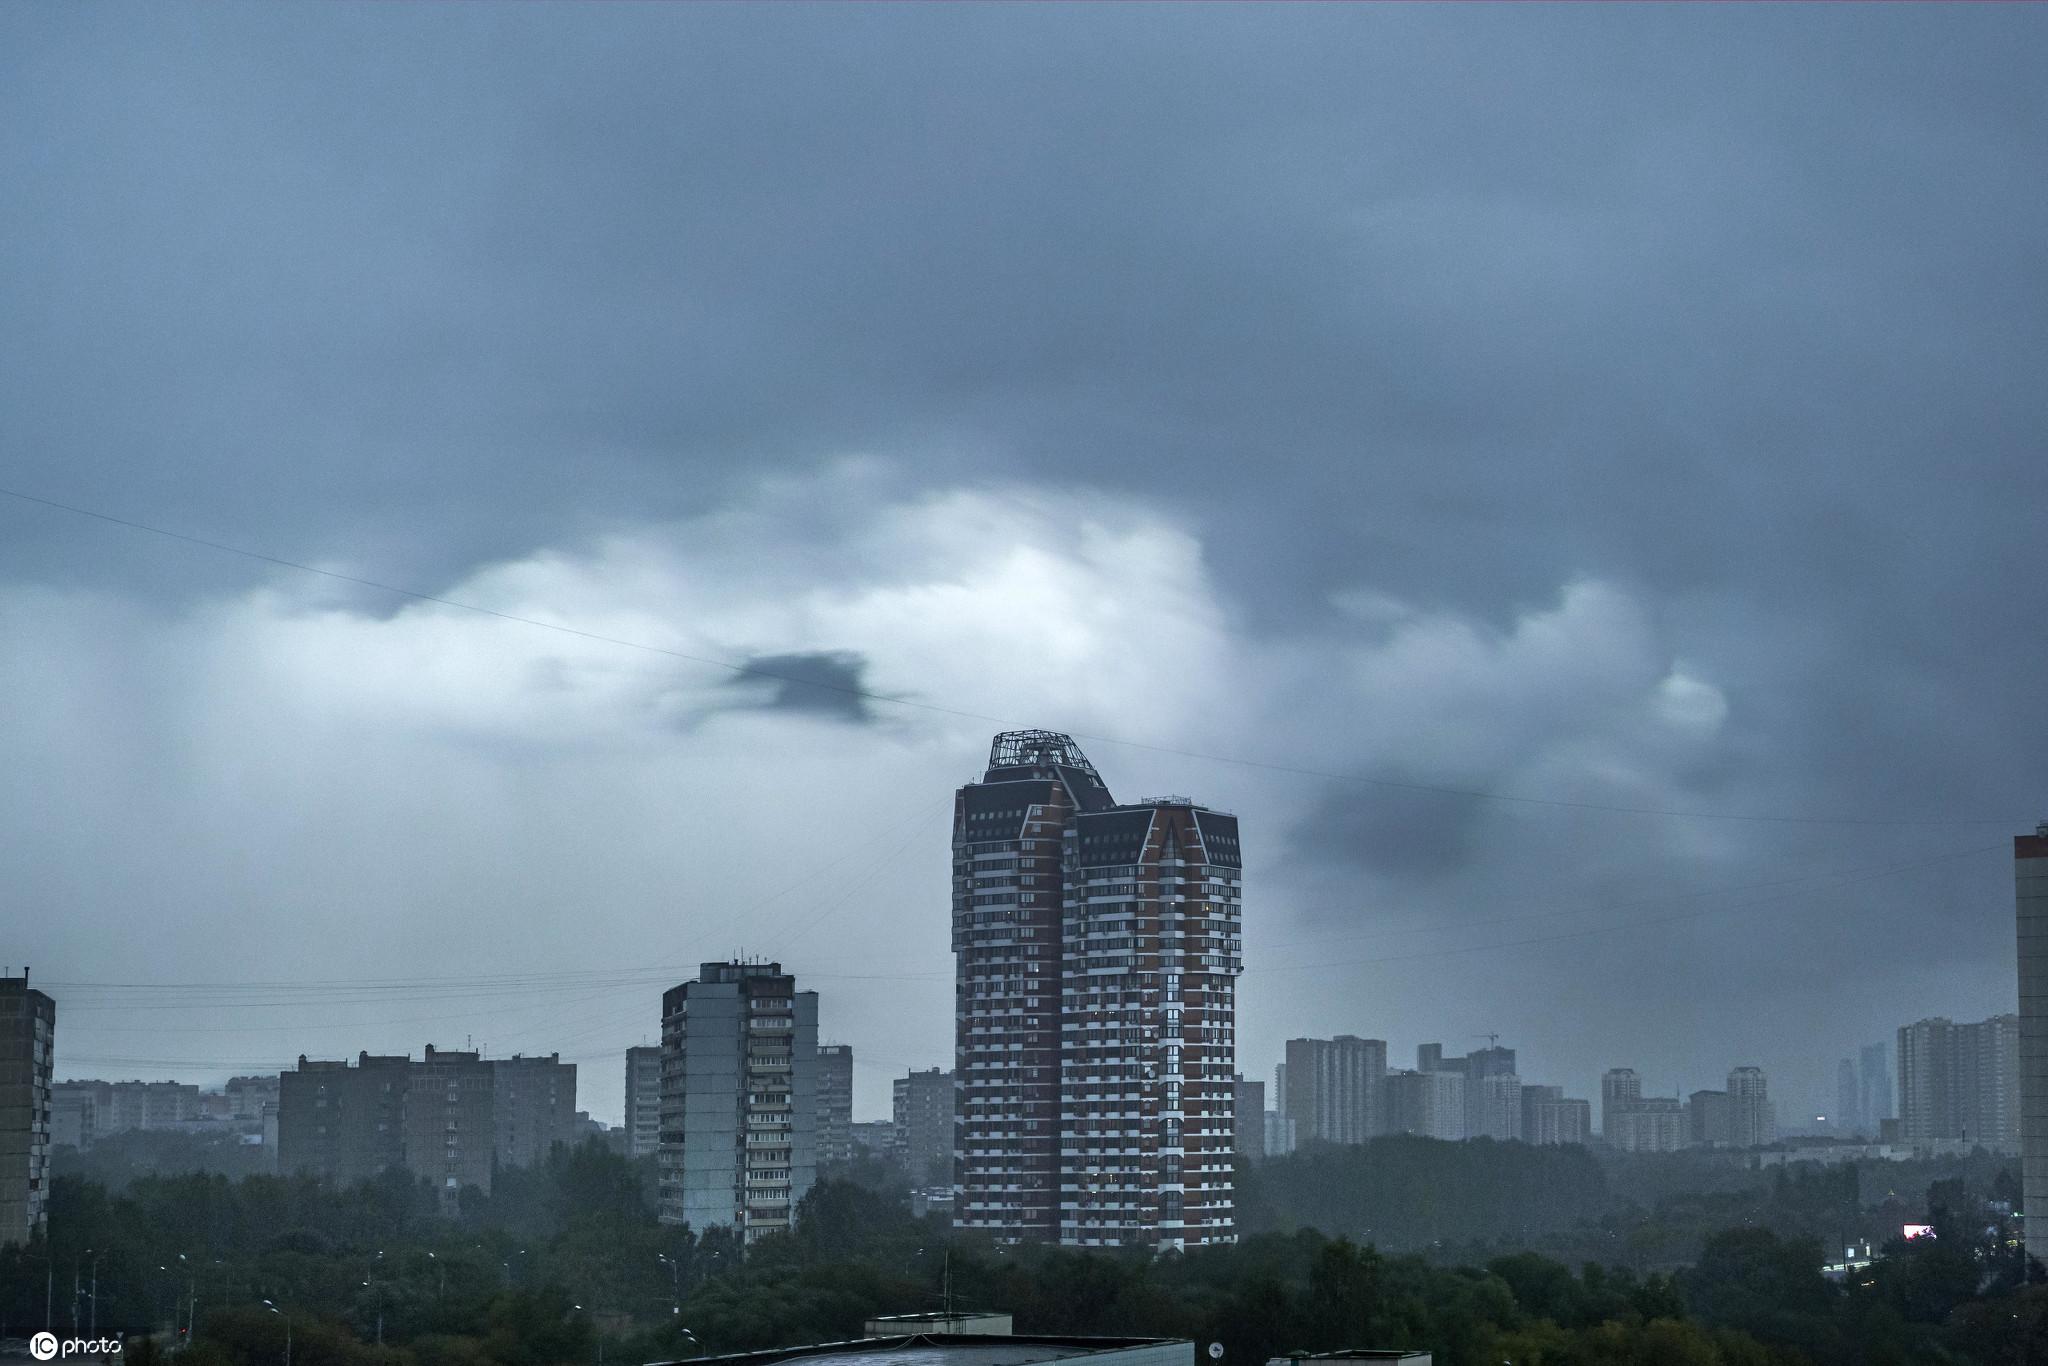 俄罗斯莫斯科黑云压城风雨欲来?大片既视感